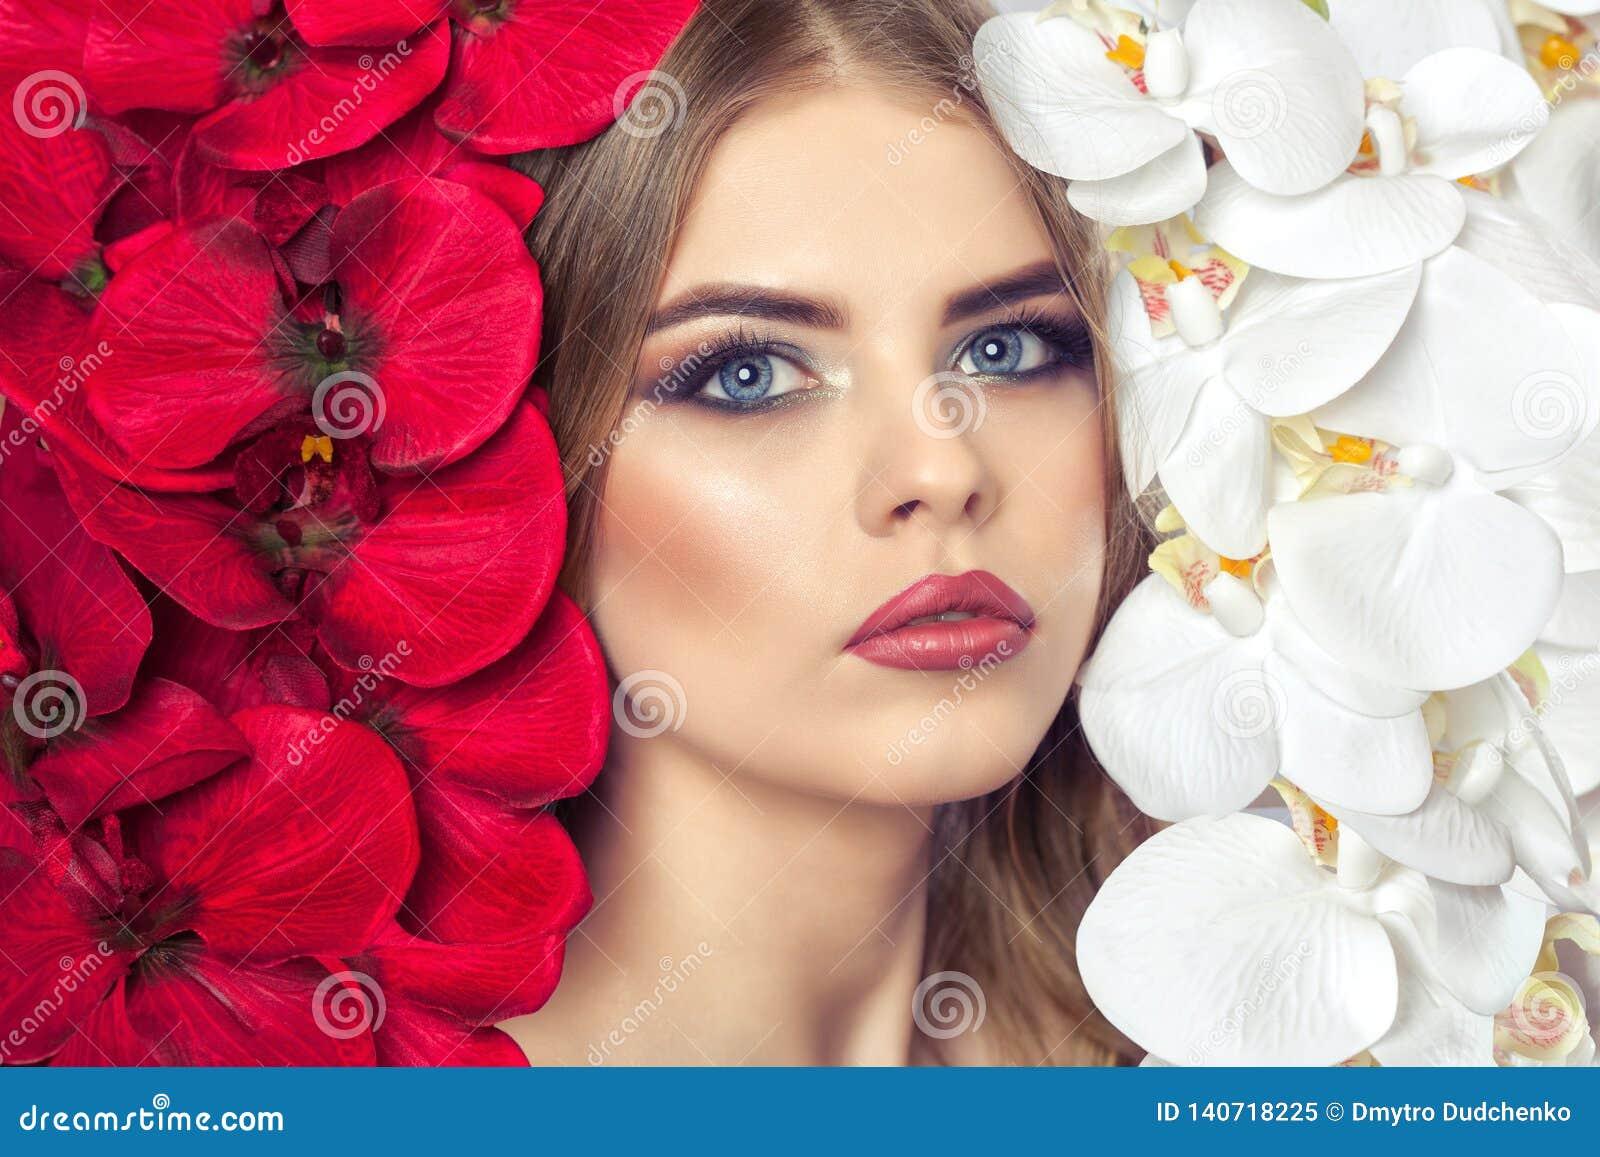 El retrato de una mujer con maquillaje hermoso sostiene una orquídea blanca y roja en sus manos